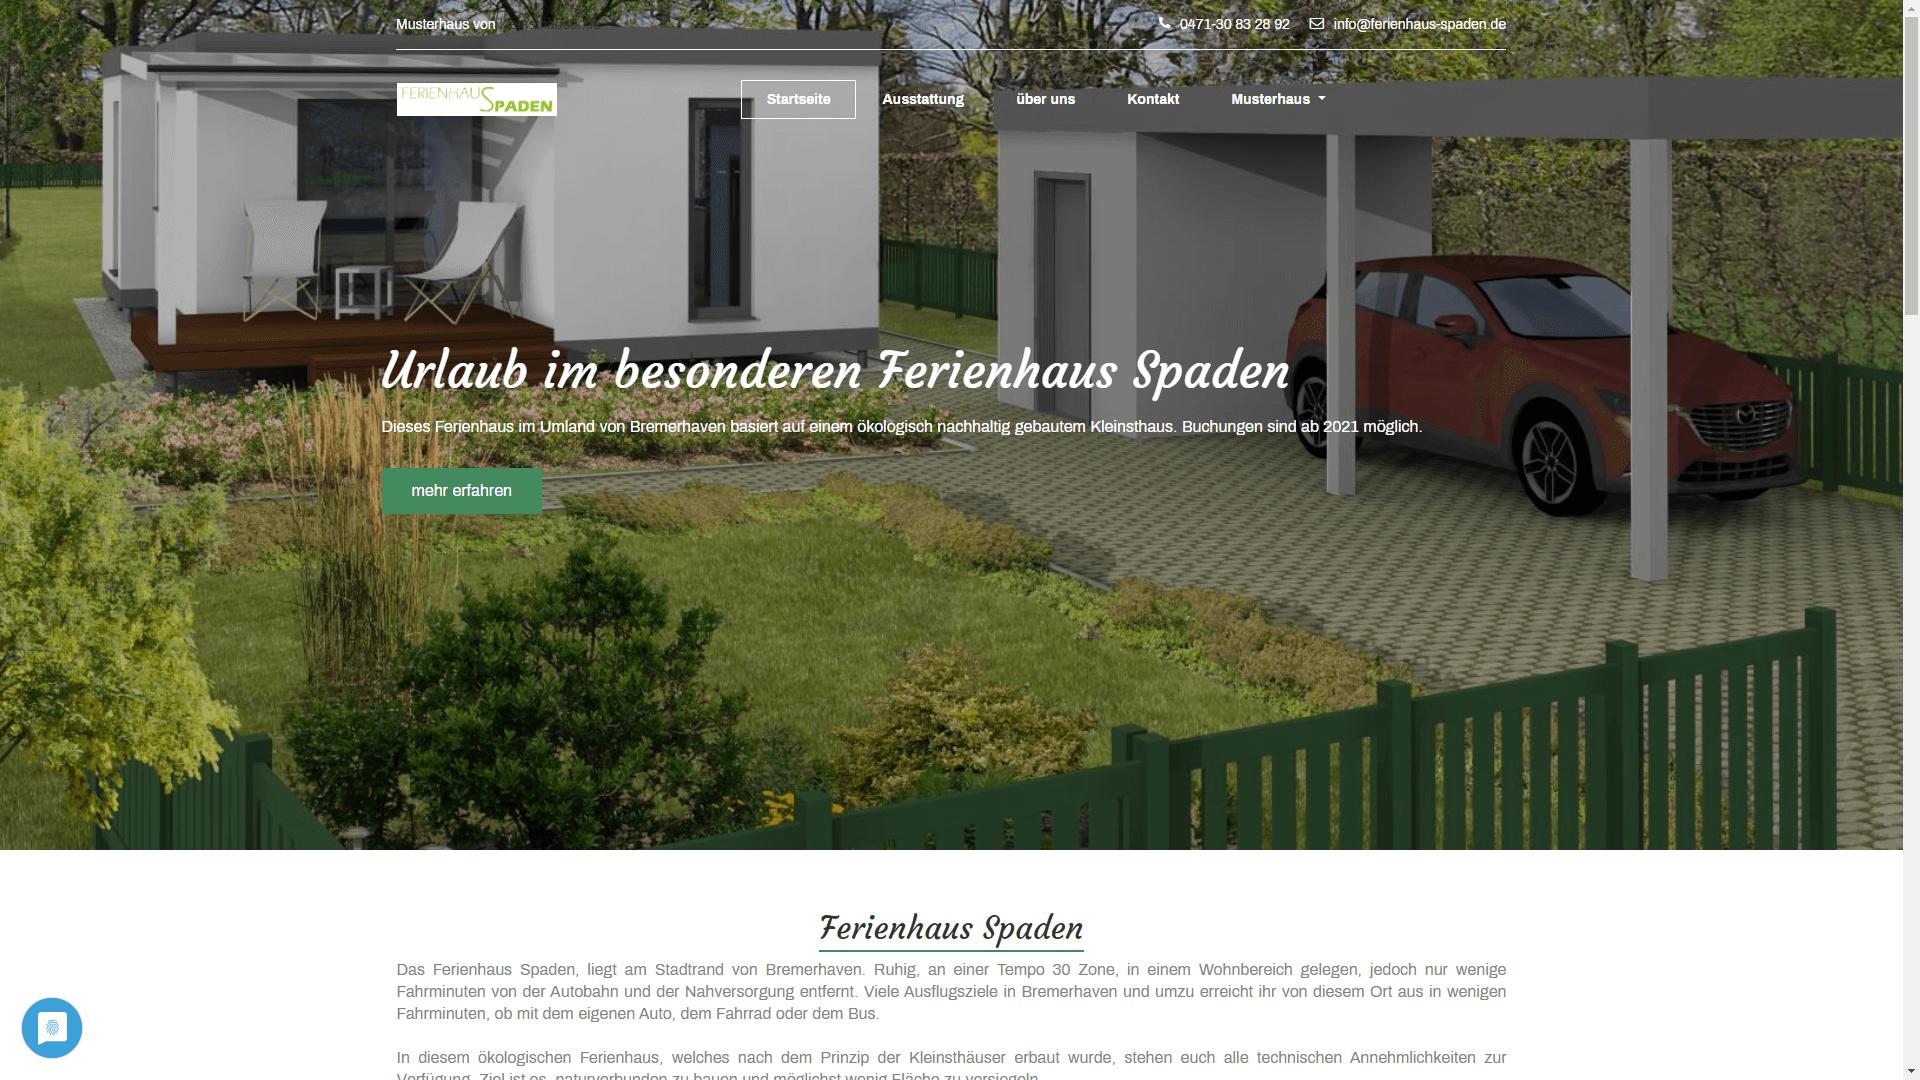 Unternehmen - Ferienhäuser Krause